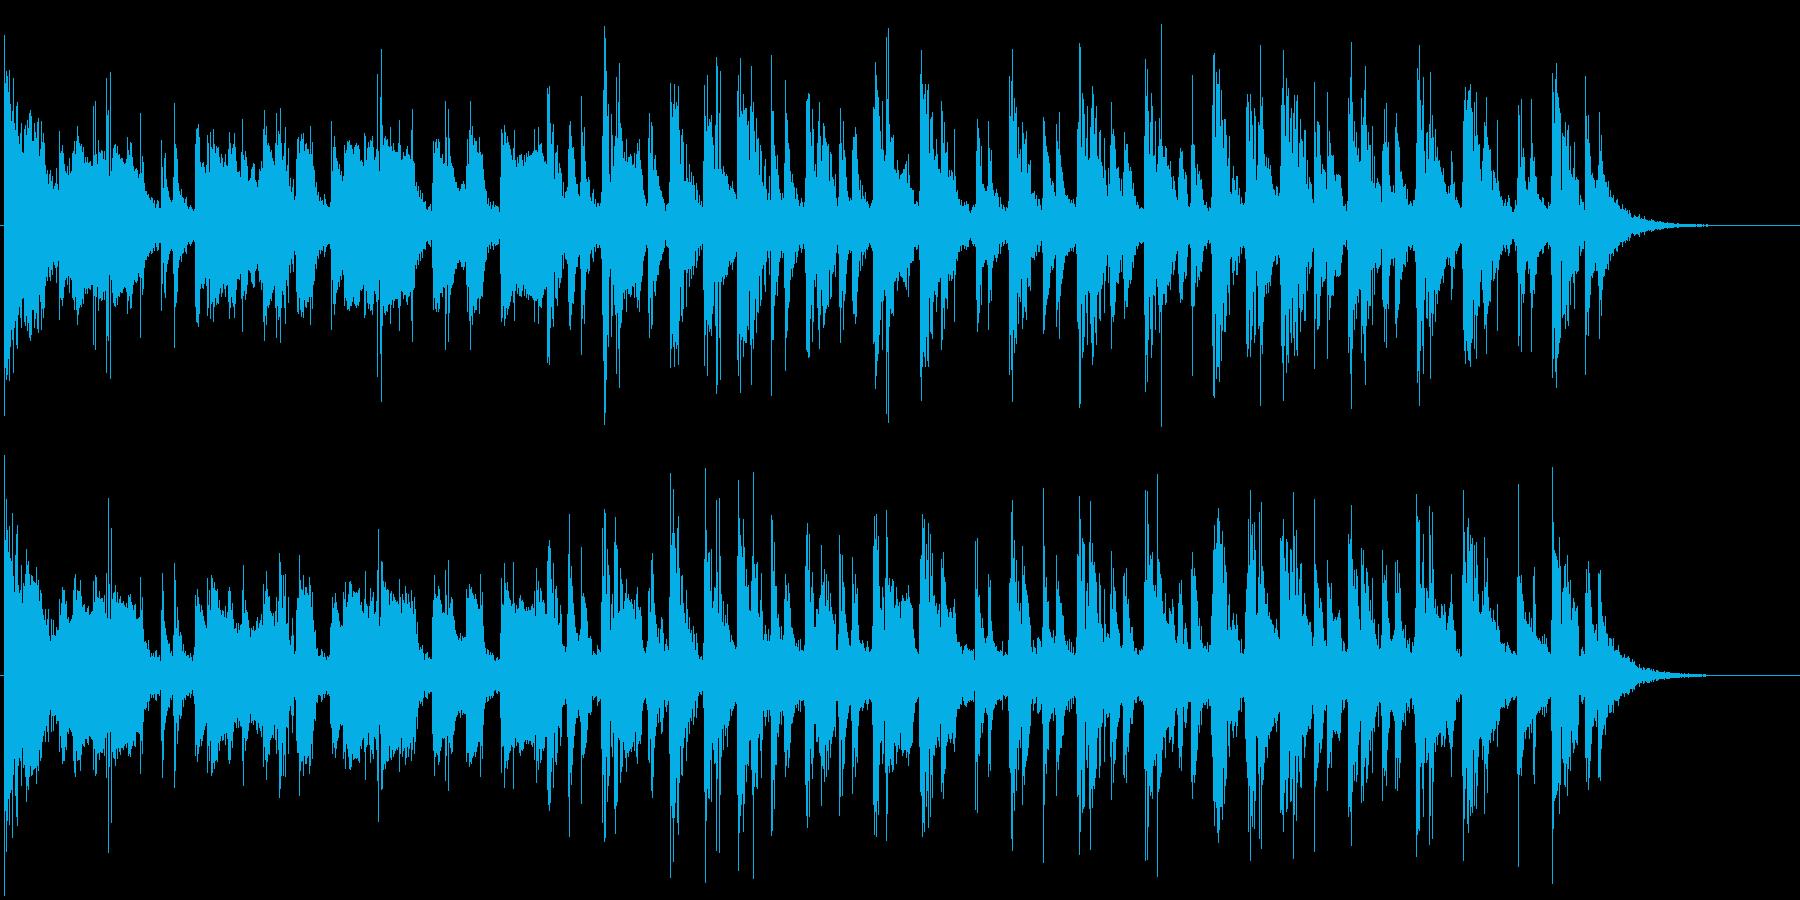 太鼓と笛と三味線による祭り囃子風な曲の再生済みの波形